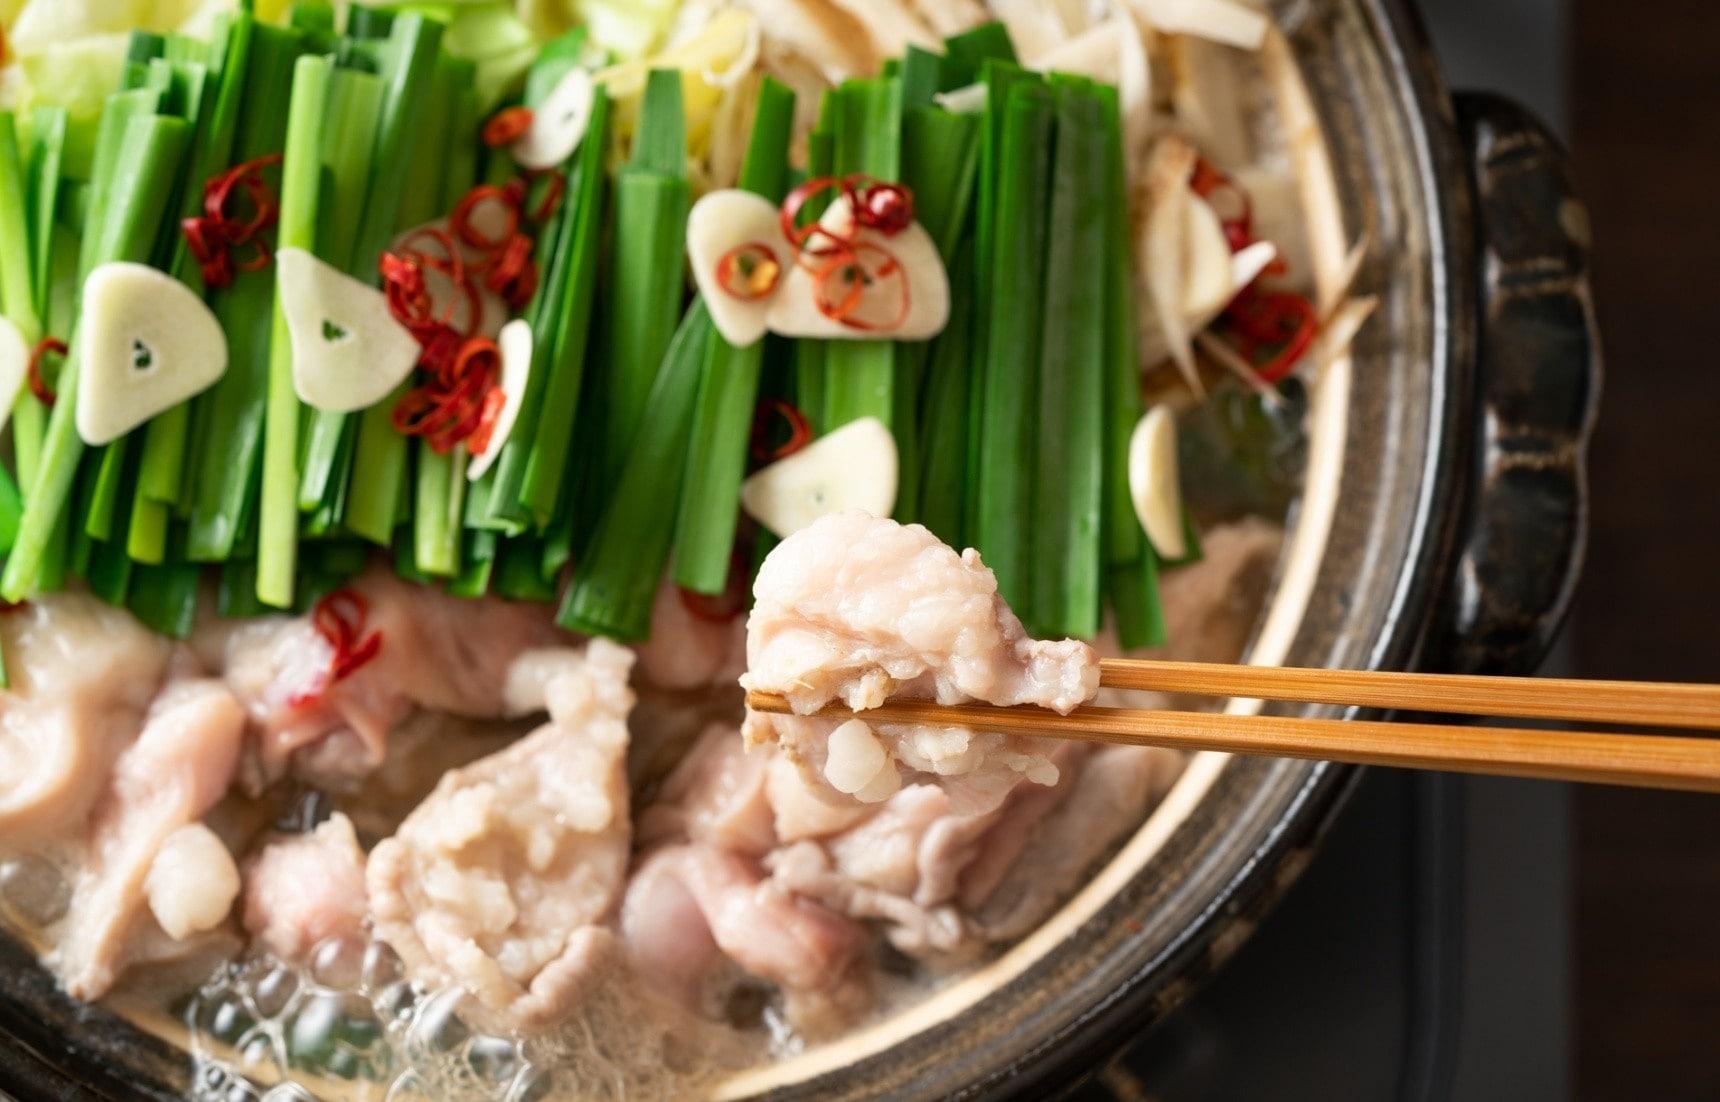 【深度日本】別說你也吃過!這些日本料理名太有趣